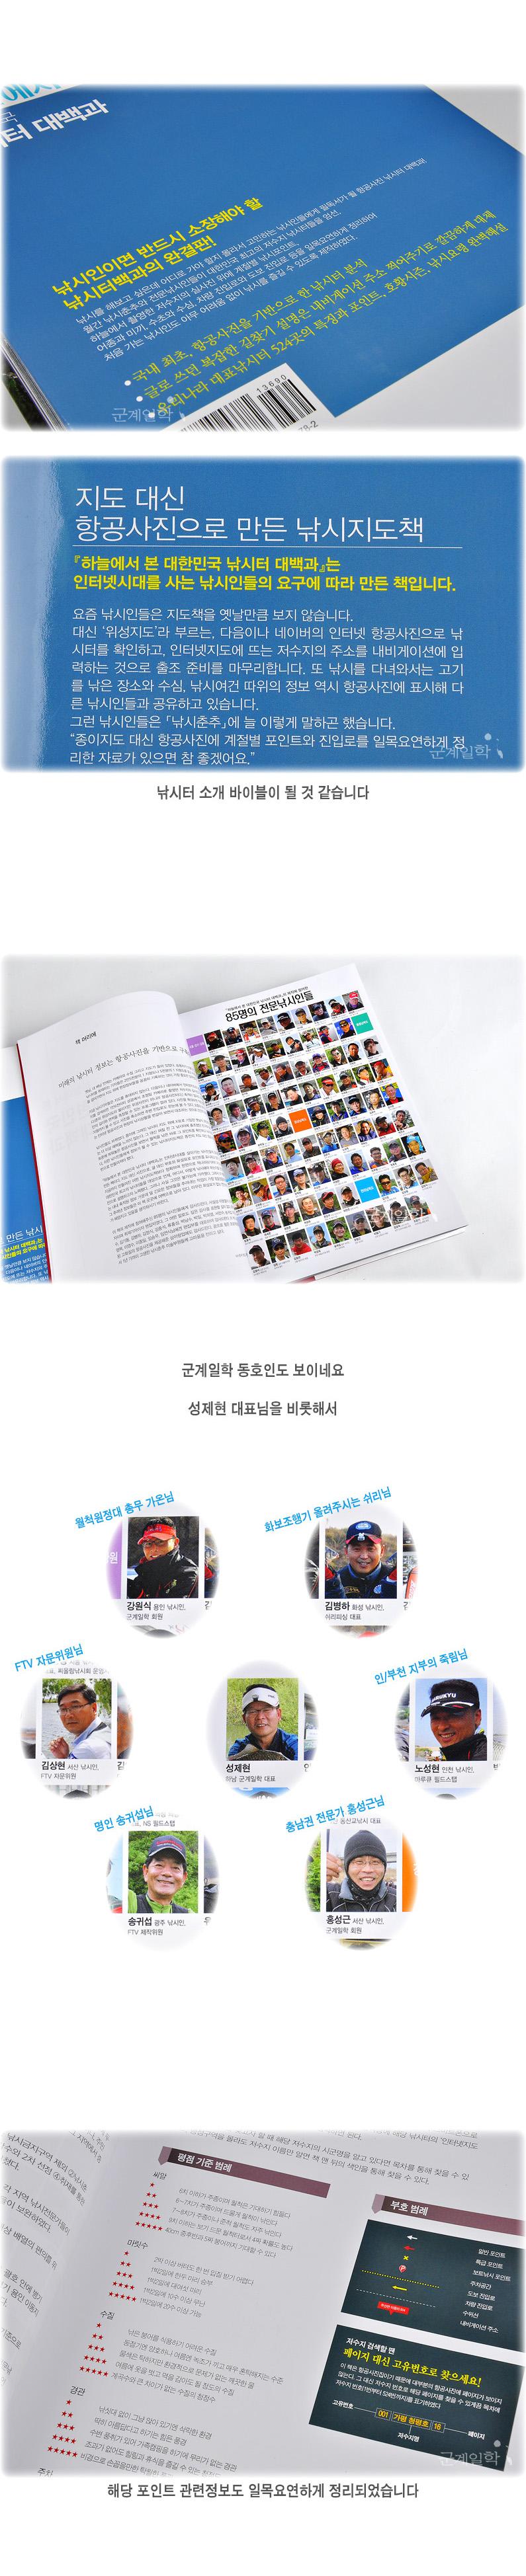 하늘에서 본 대한민국 낚시터 대백과 - 02.jpg